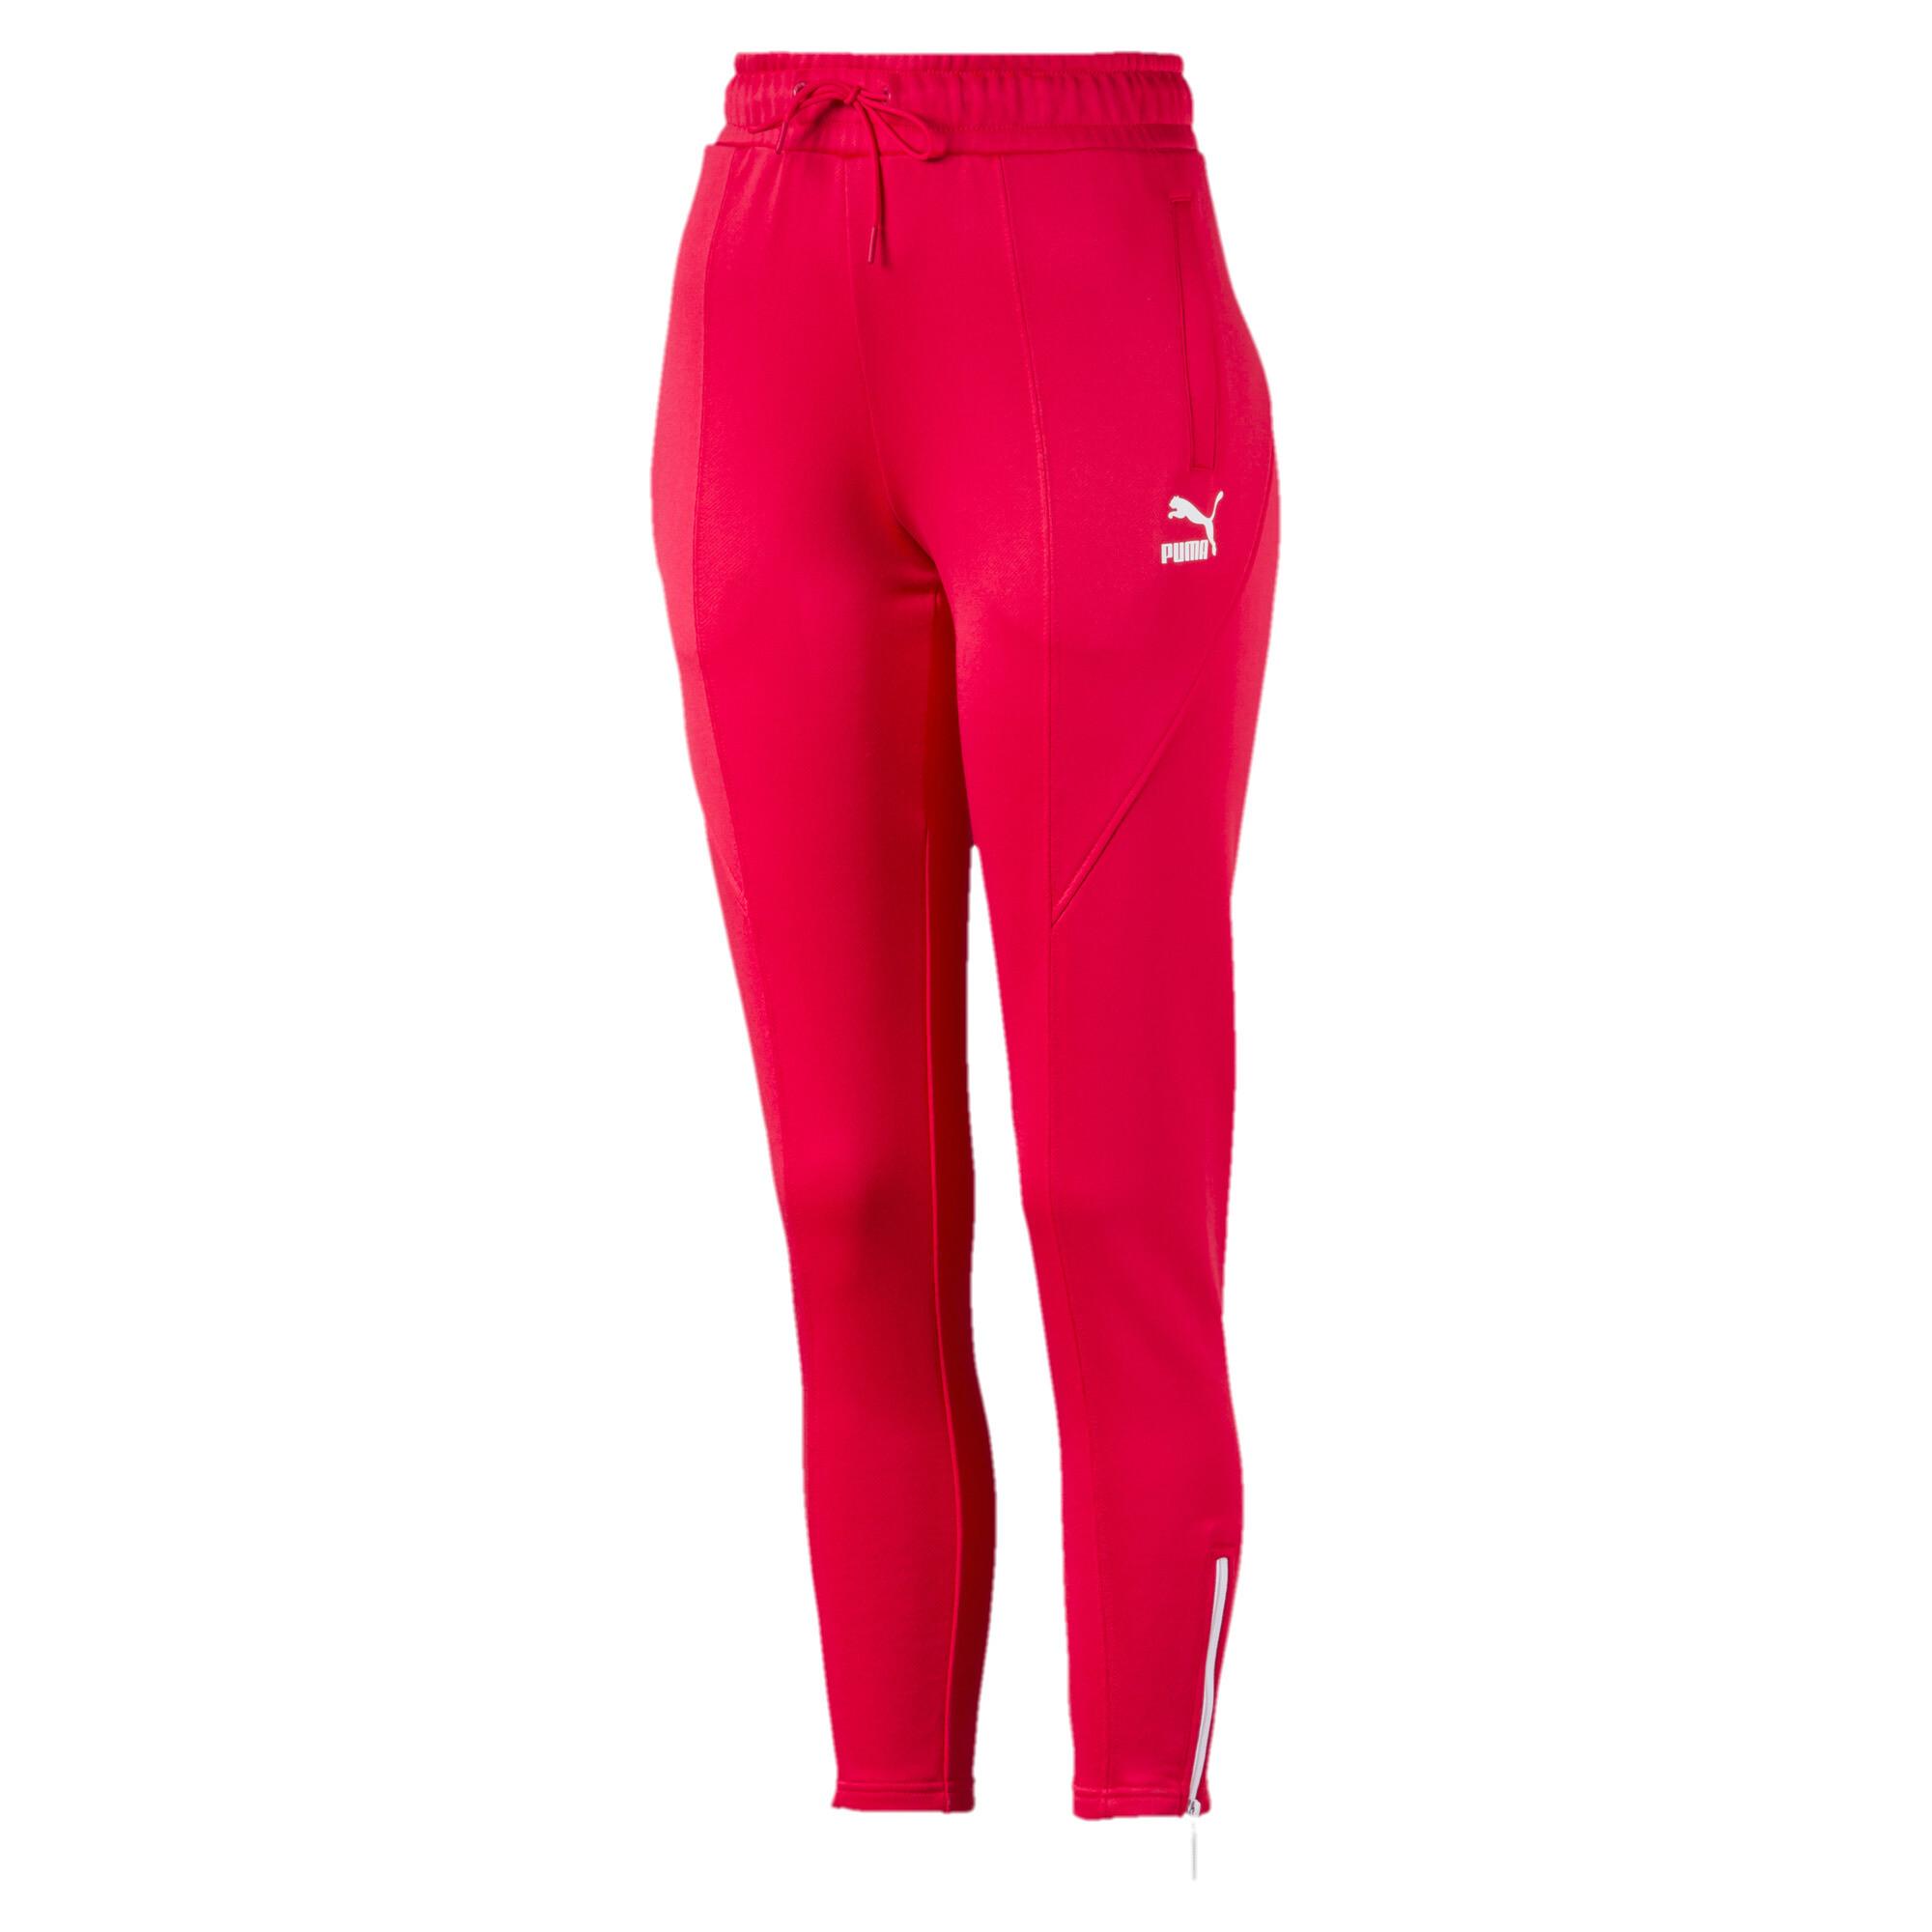 Image Puma XTG 94 Women's Track Pants #4